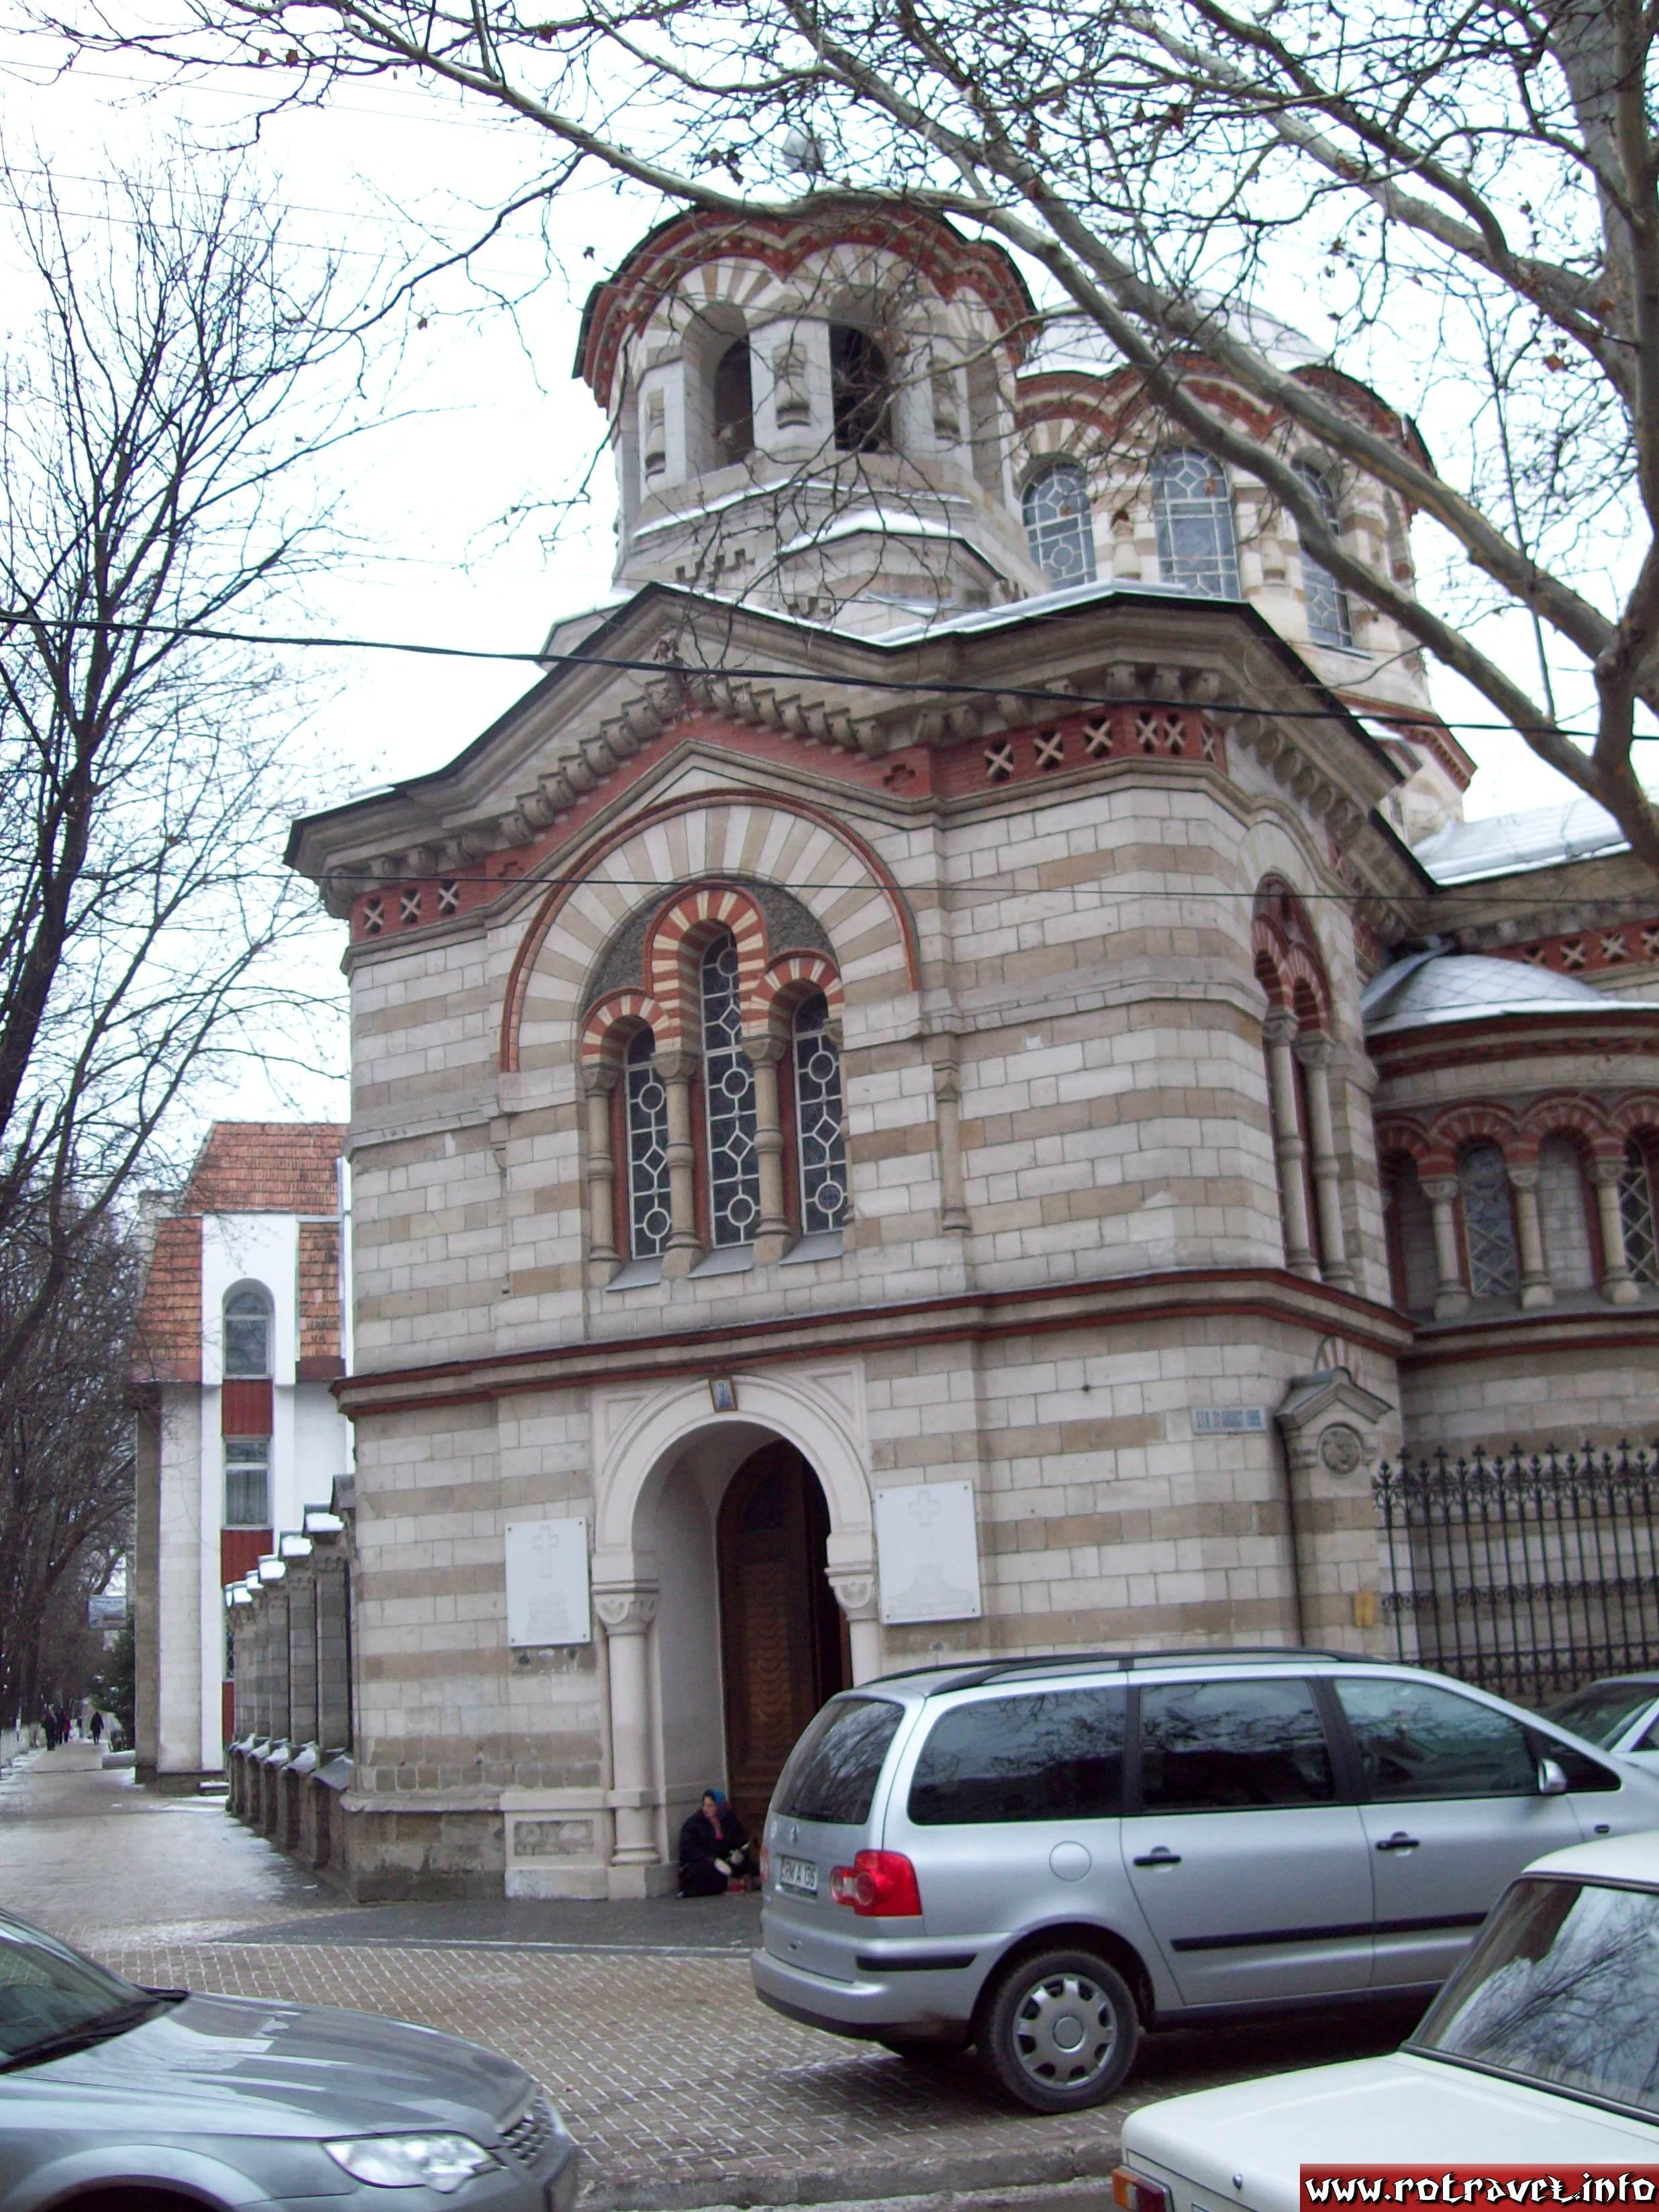 St. Pantelimon Church, 1891